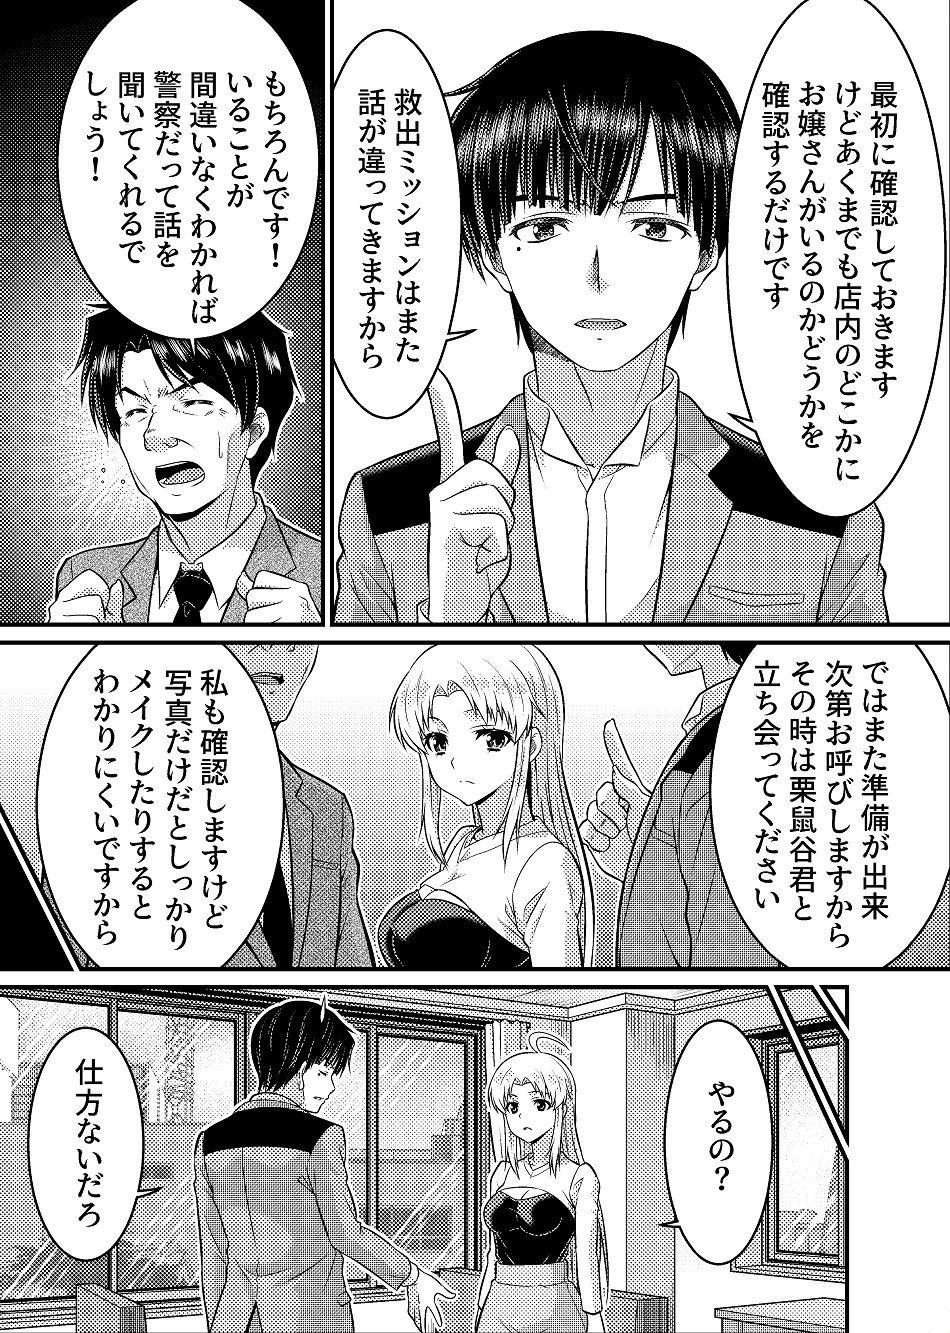 TS探偵新妻浩美 大学生失踪事件を追え!戦慄のバニーガール